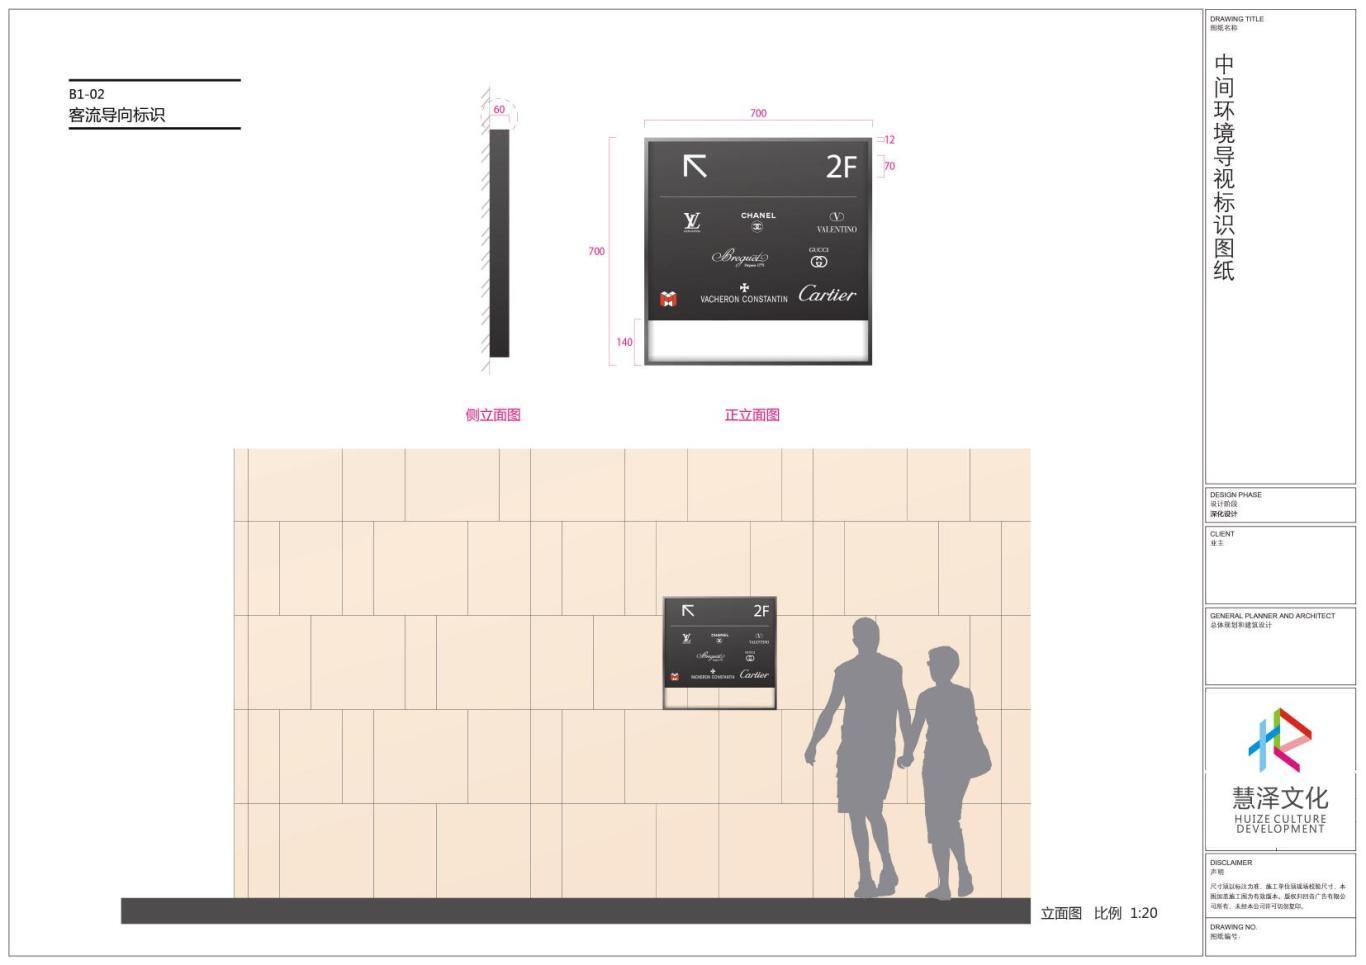 中间坊-商业导视系统深化设计图6